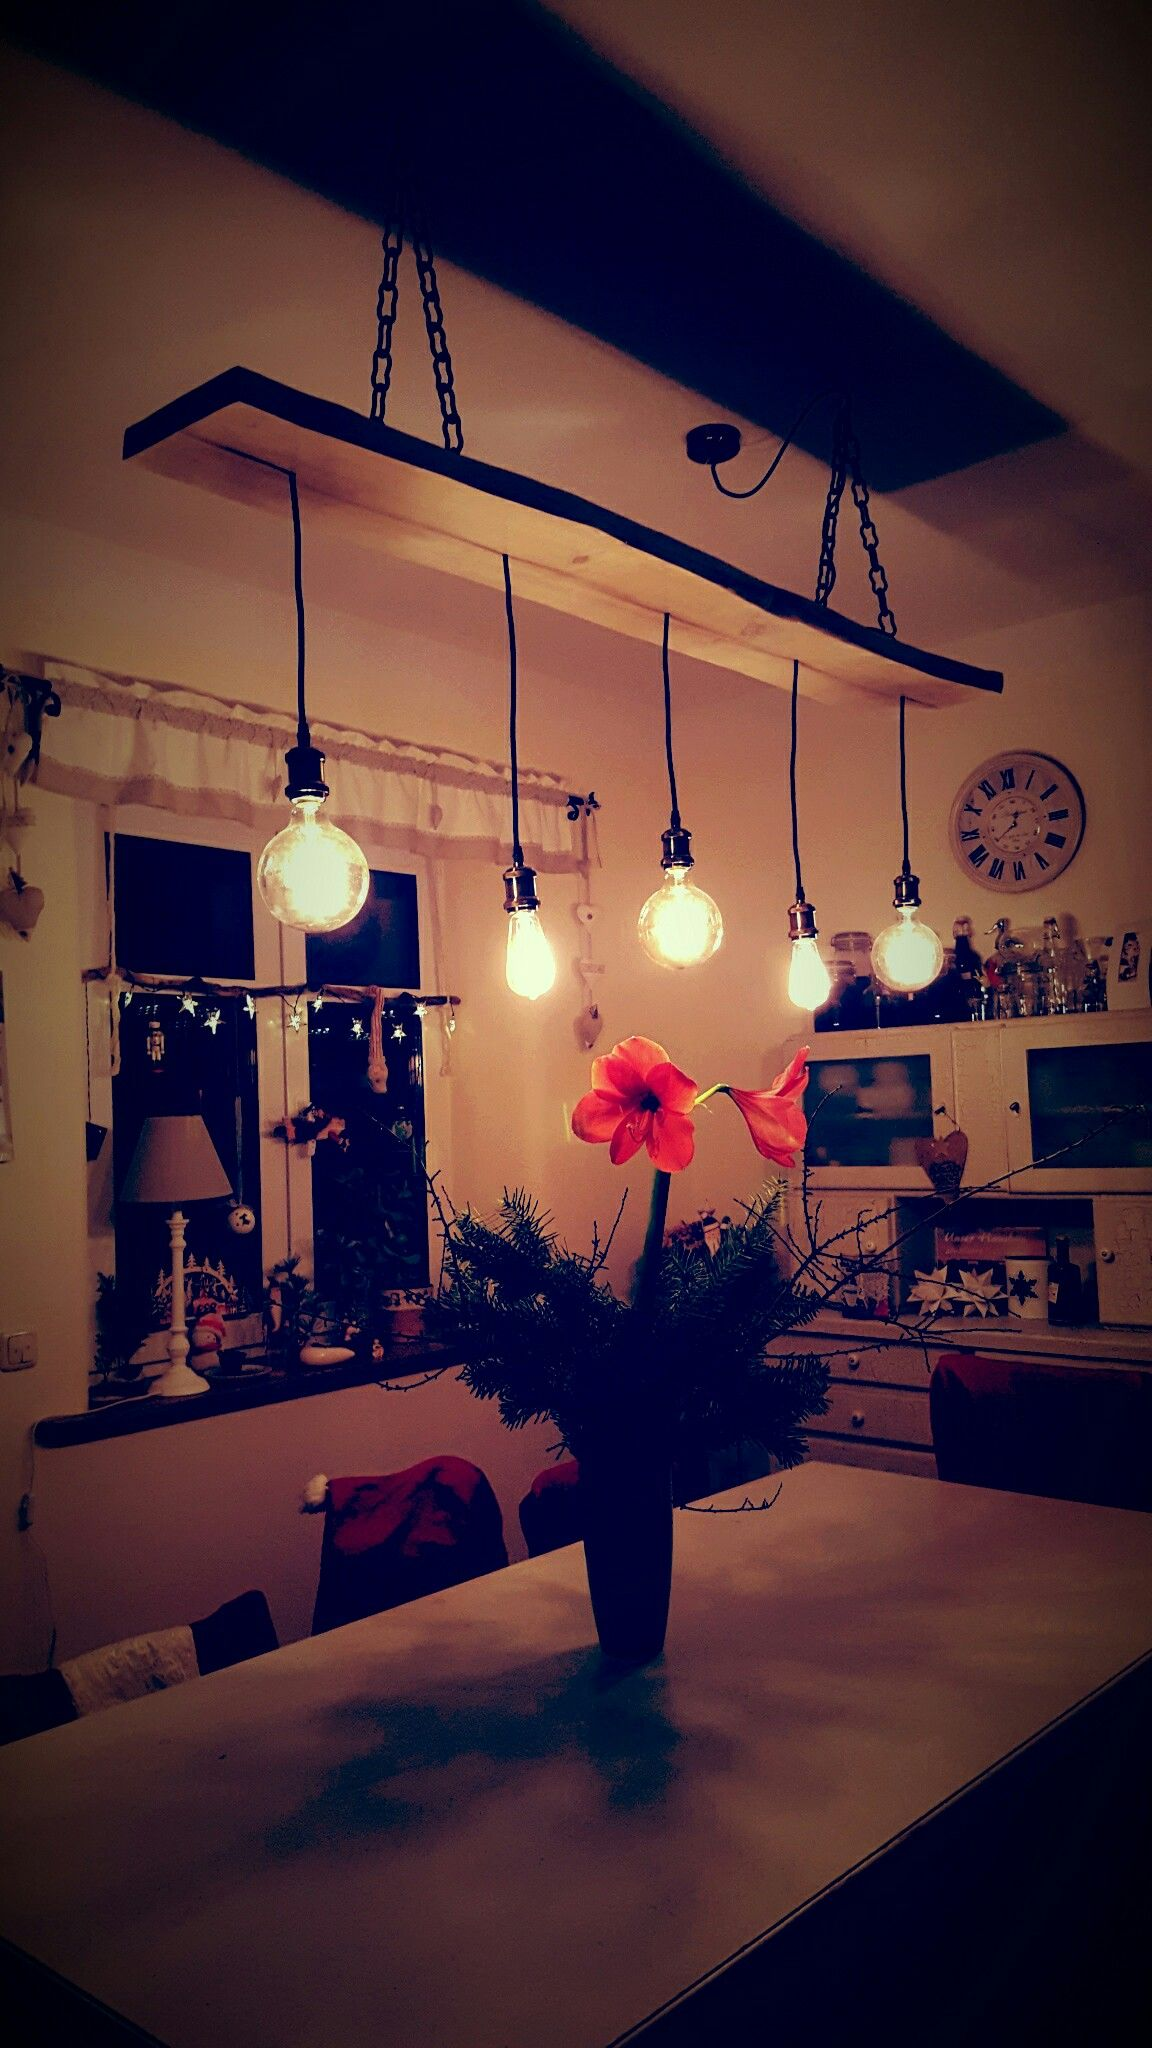 Lampe für den Esstisch selbst gebaut aus altem Brett  Lampen